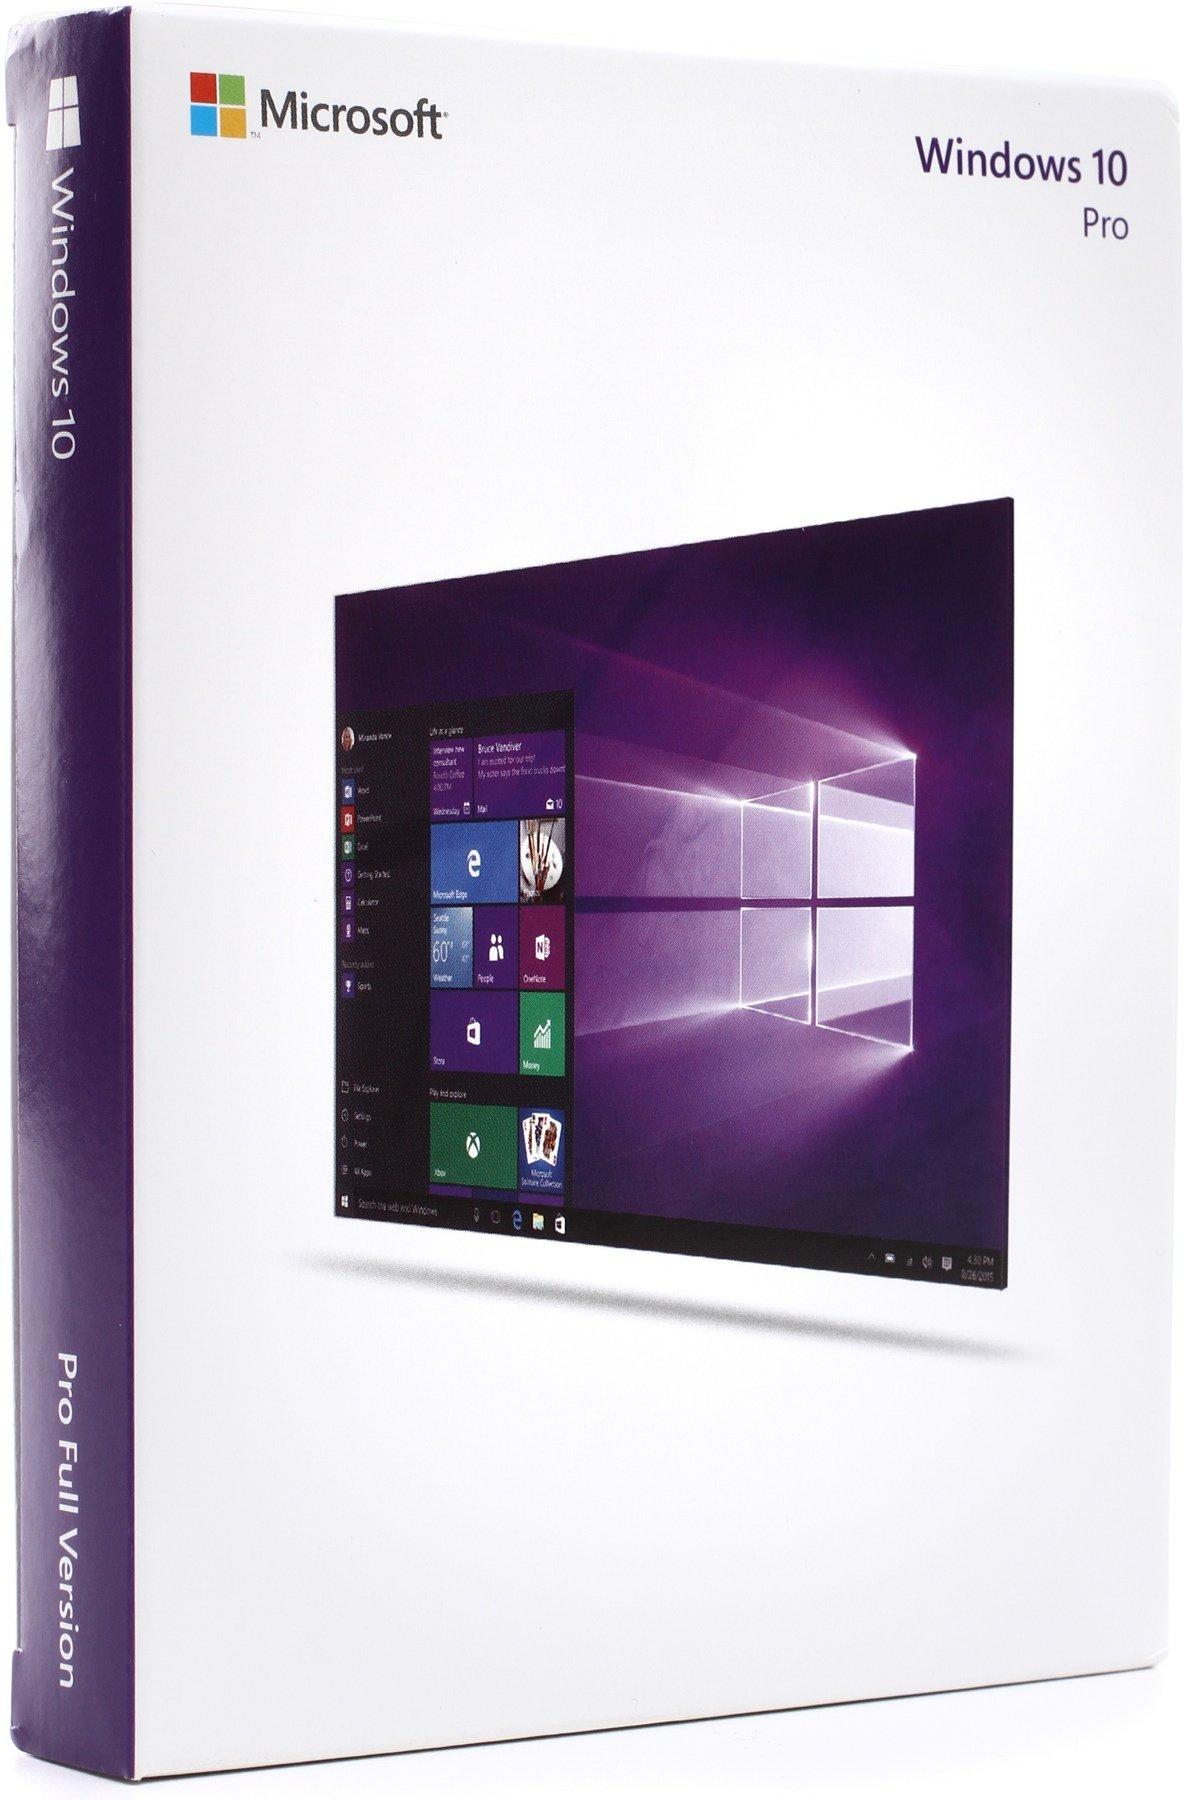 Microsoft Windows 10 Pro 32 64 Bit 1 License Usb Flash Drive Flashdisk Card 8 Gb Dj